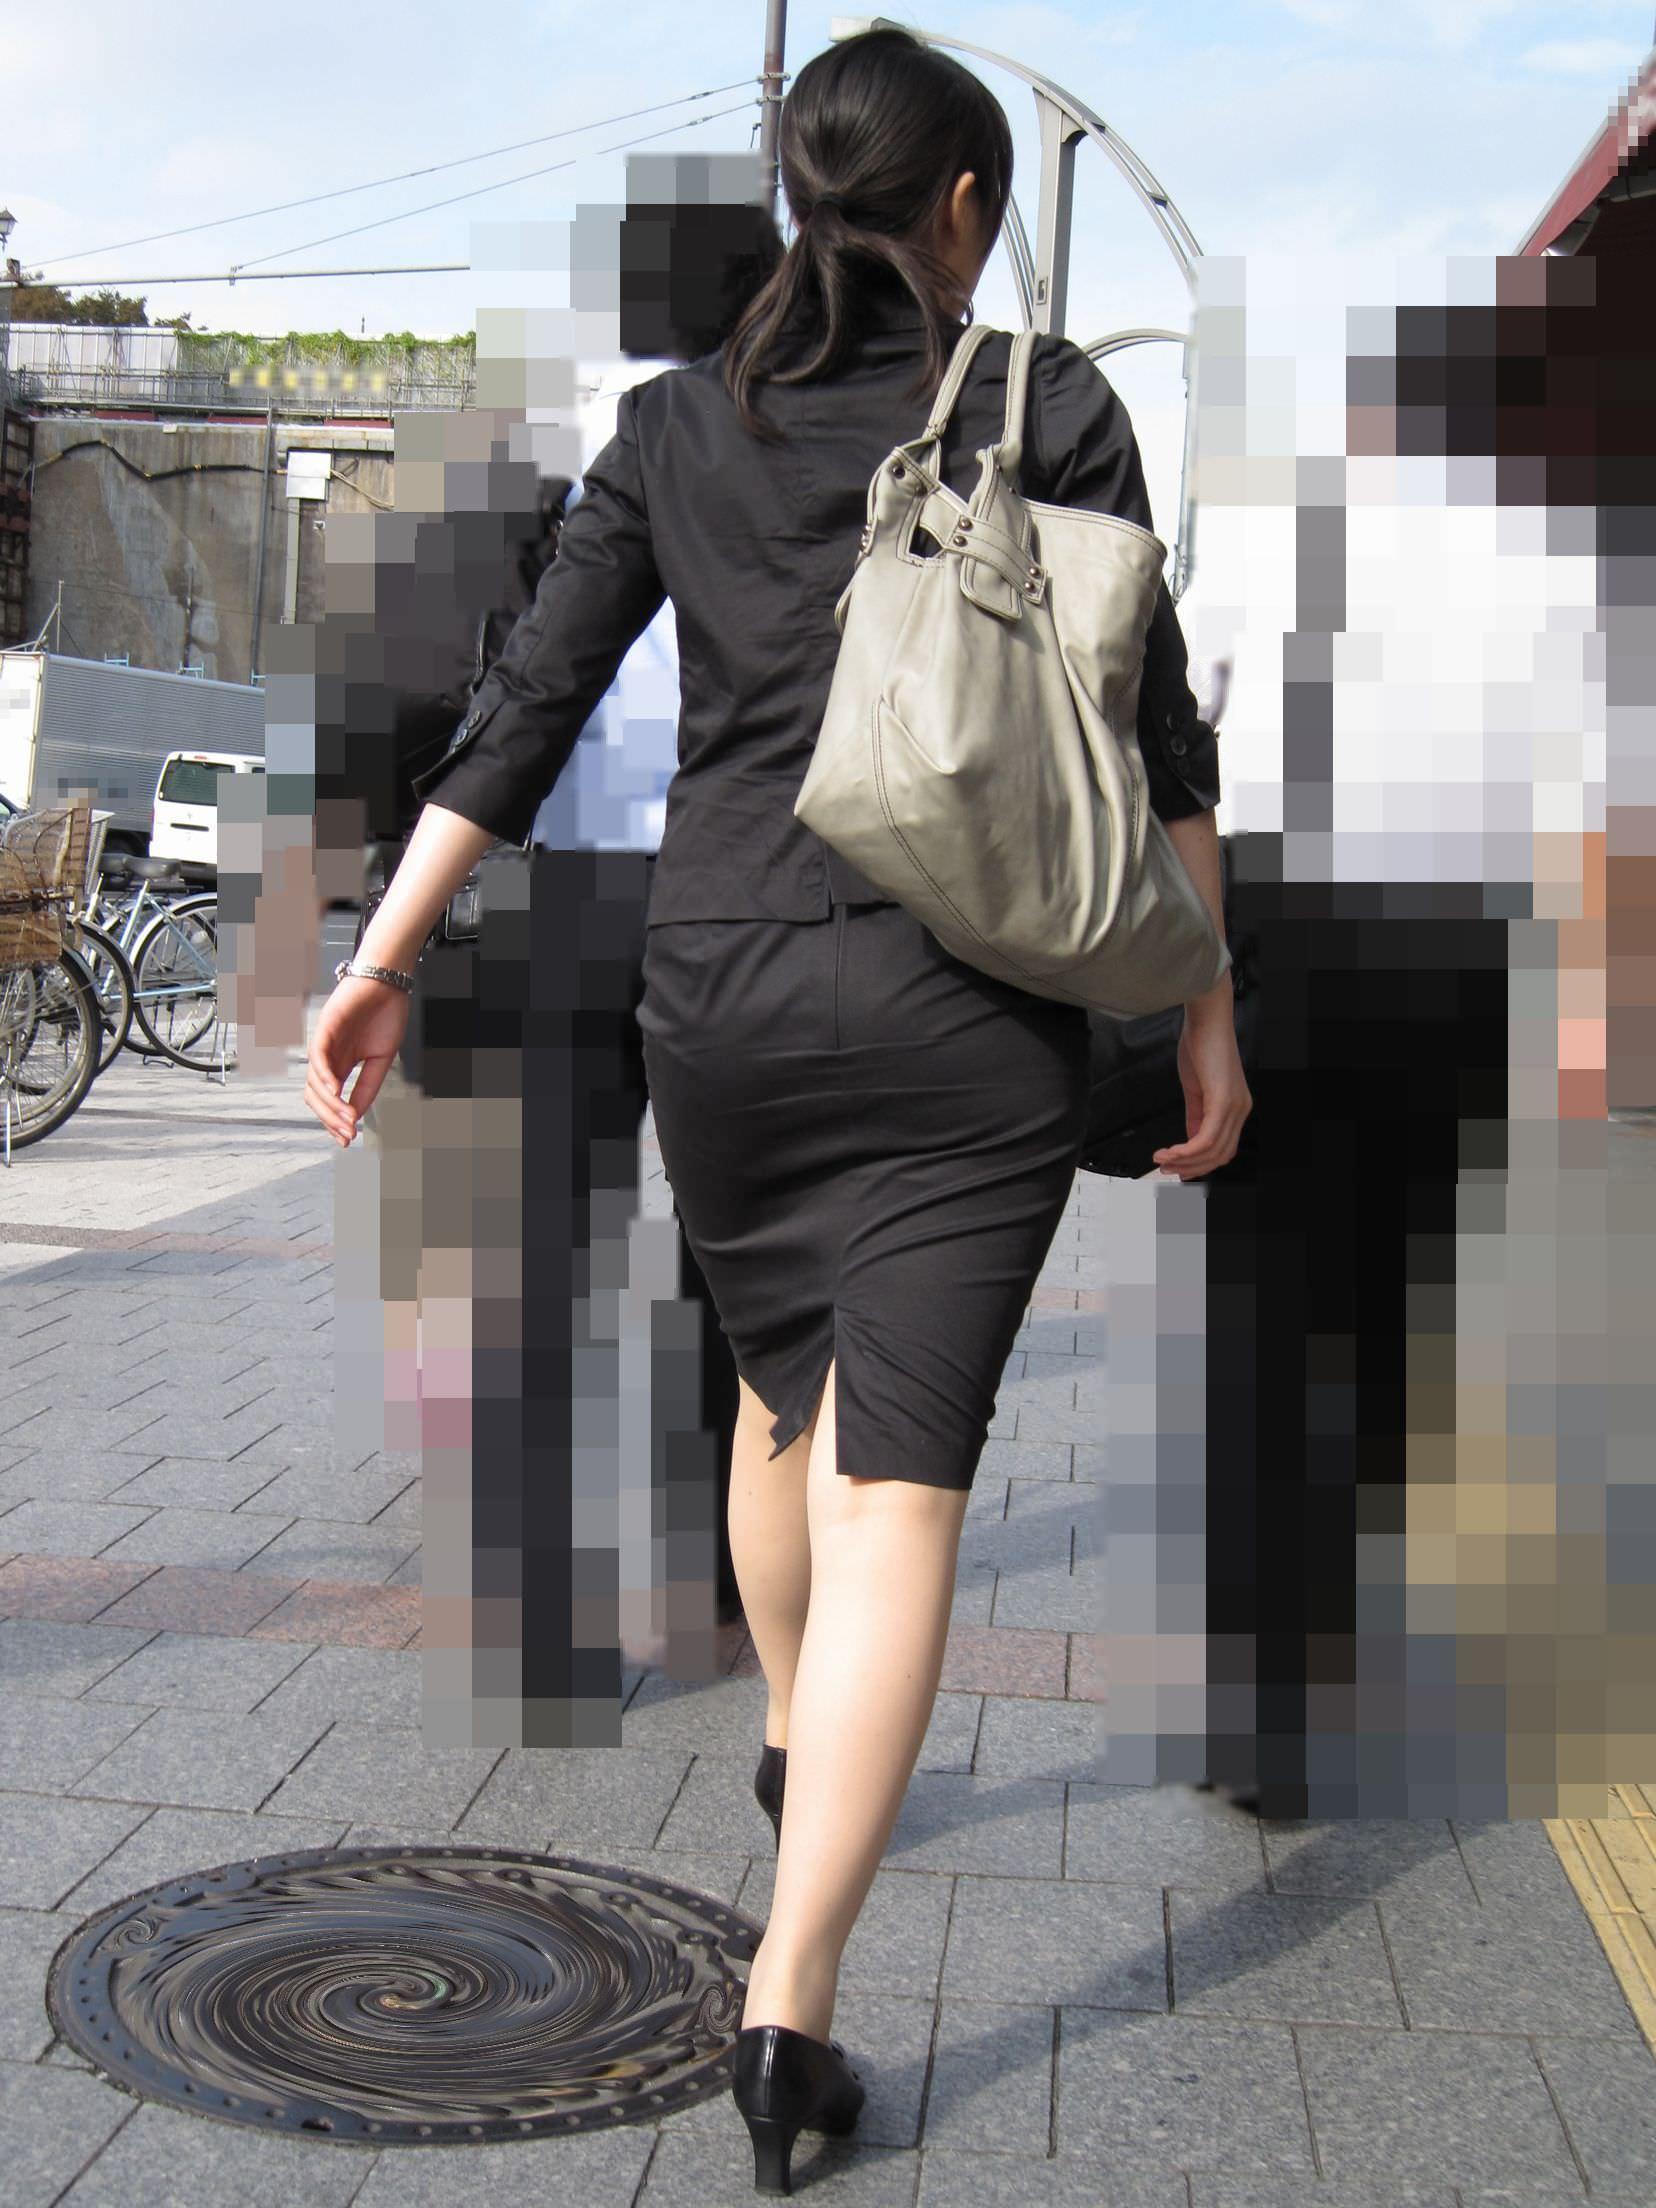 お尻の形が丸わかりなOLさんを尾行して街撮り盗撮www 3062